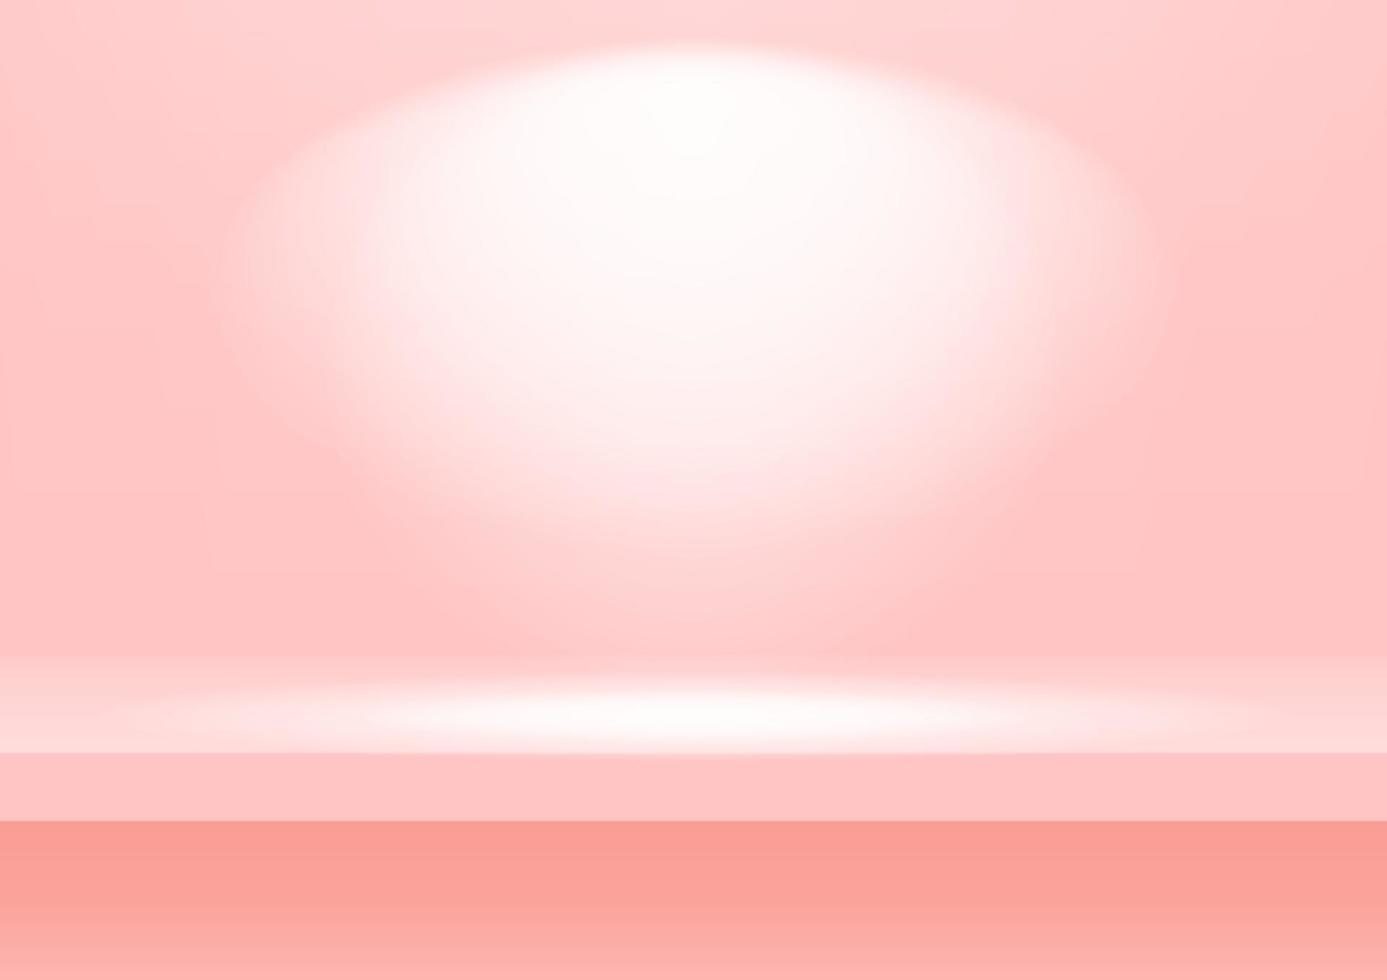 prateleira rosa realista na parede do estúdio. fundo rosa estúdio vazio para exposição do produto com espaço de cópia. vetor